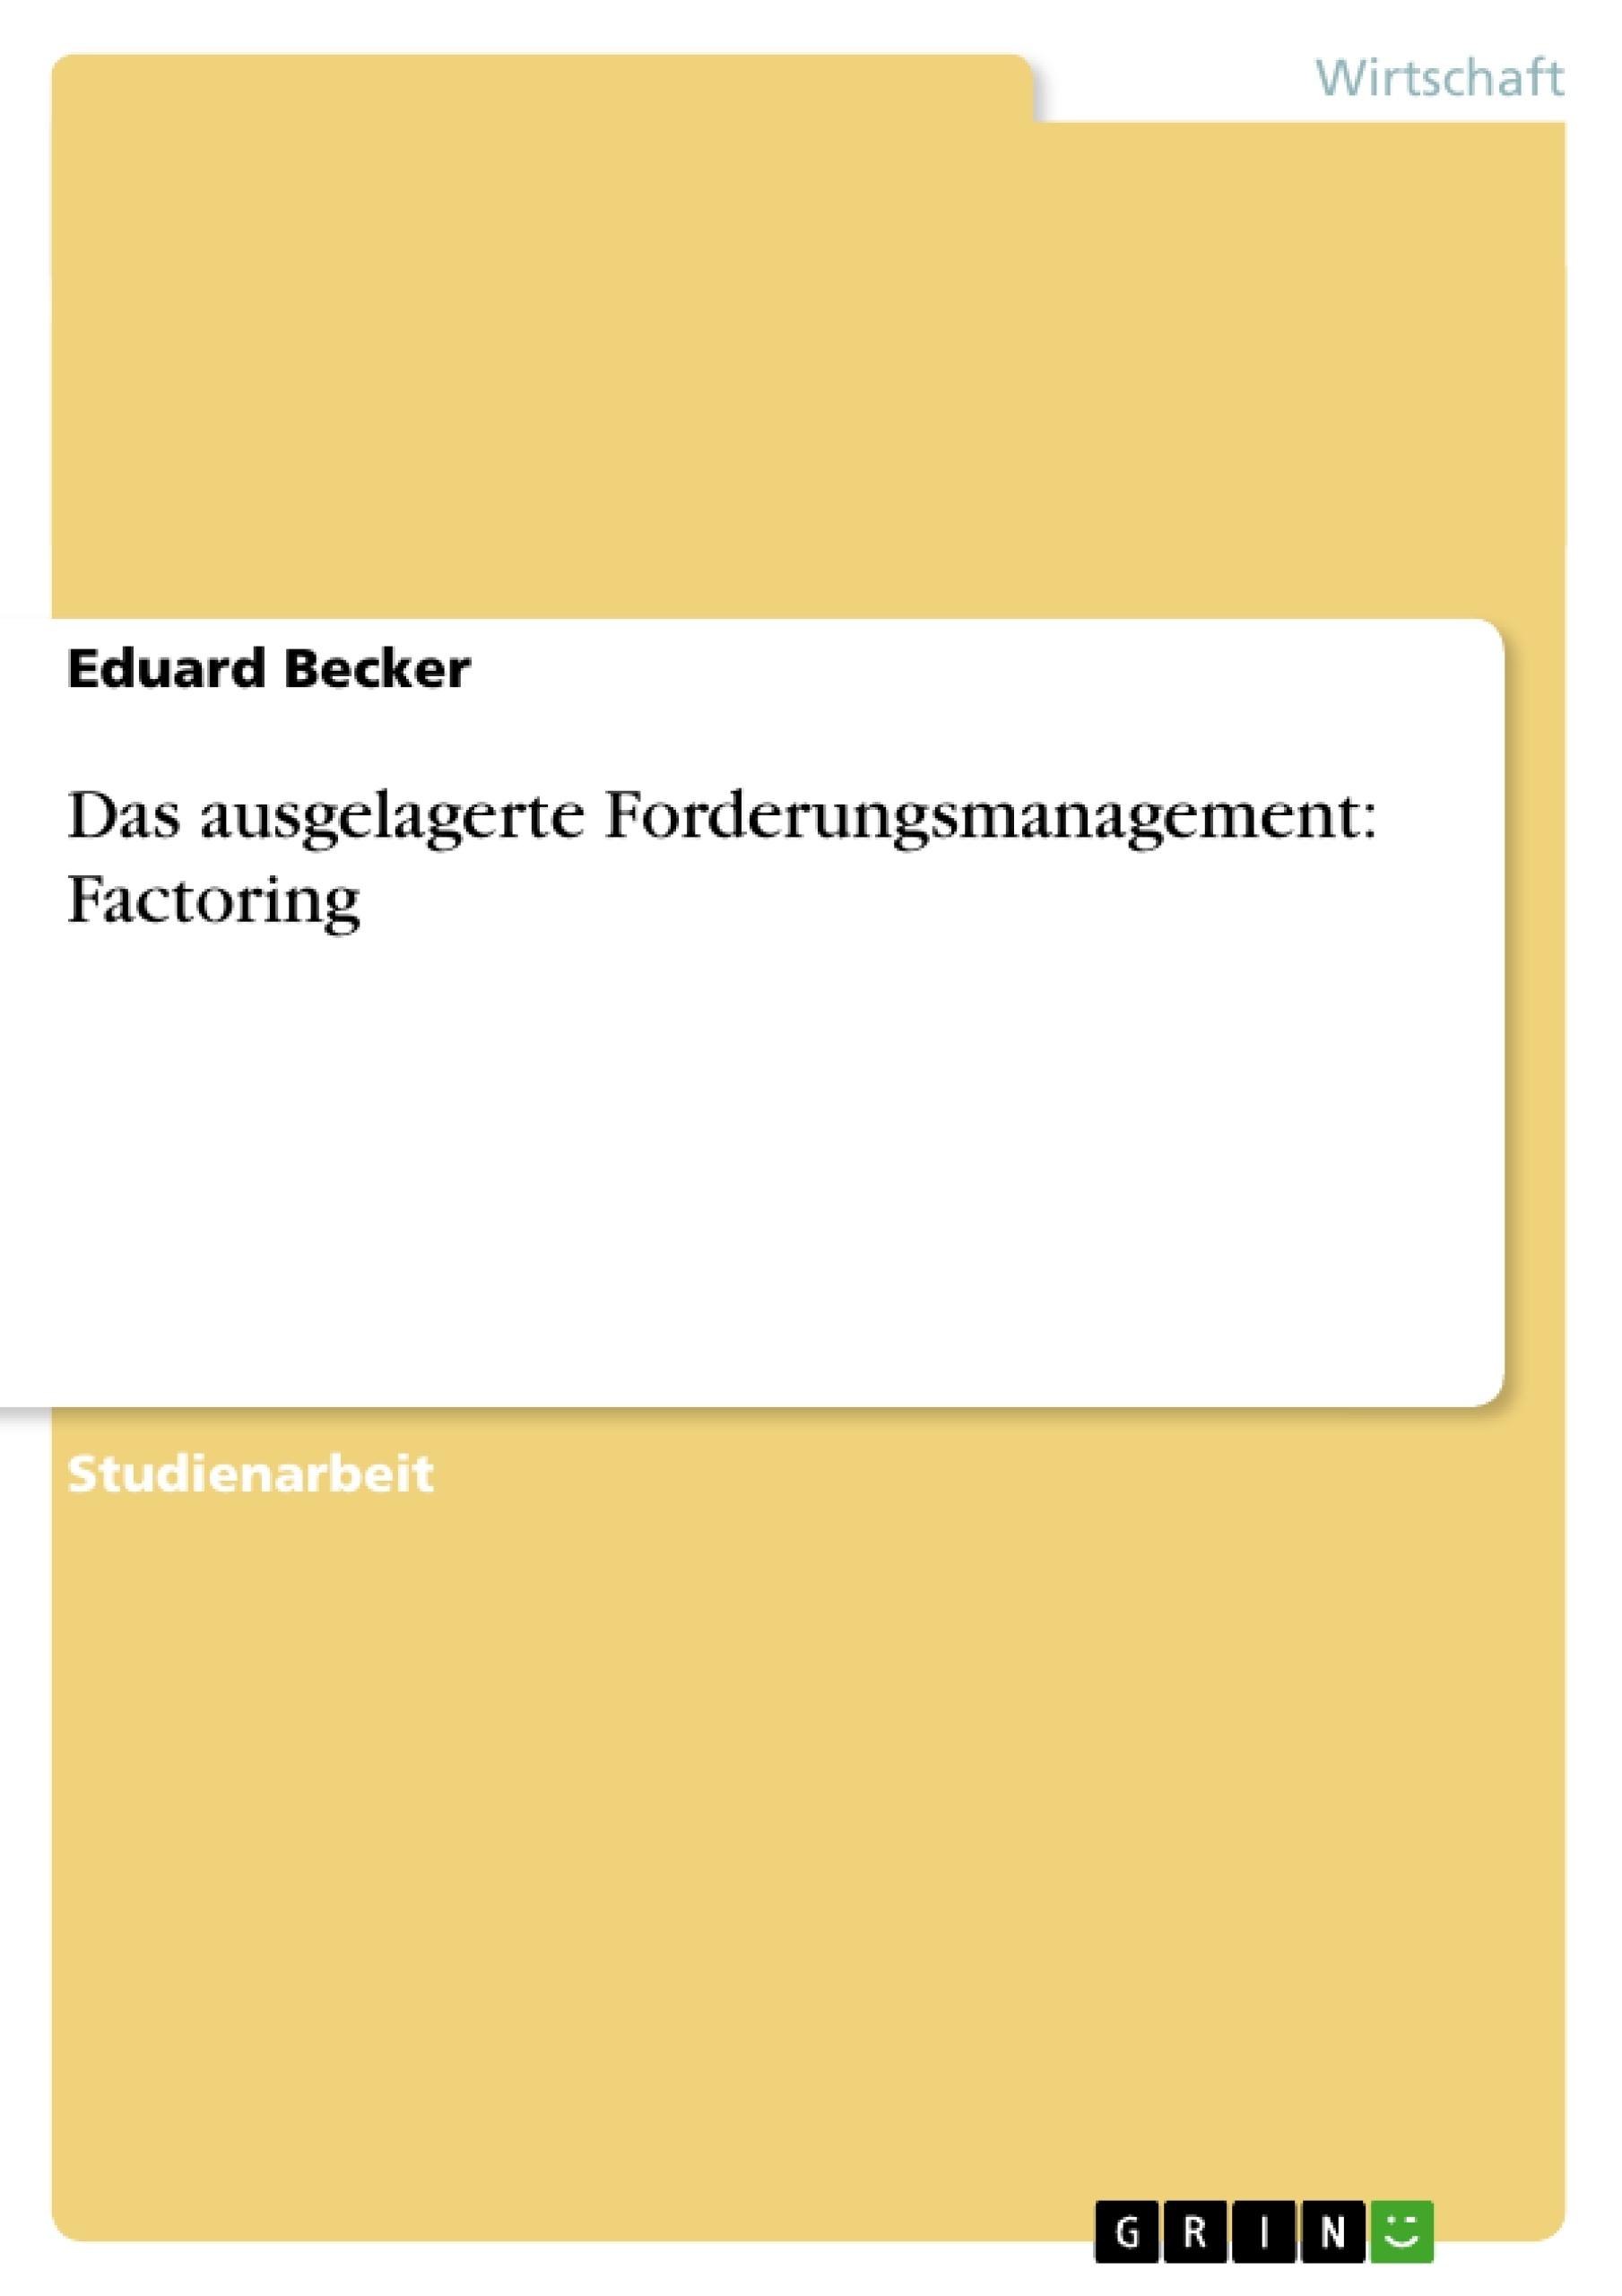 Titel: Das ausgelagerte Forderungsmanagement: Factoring